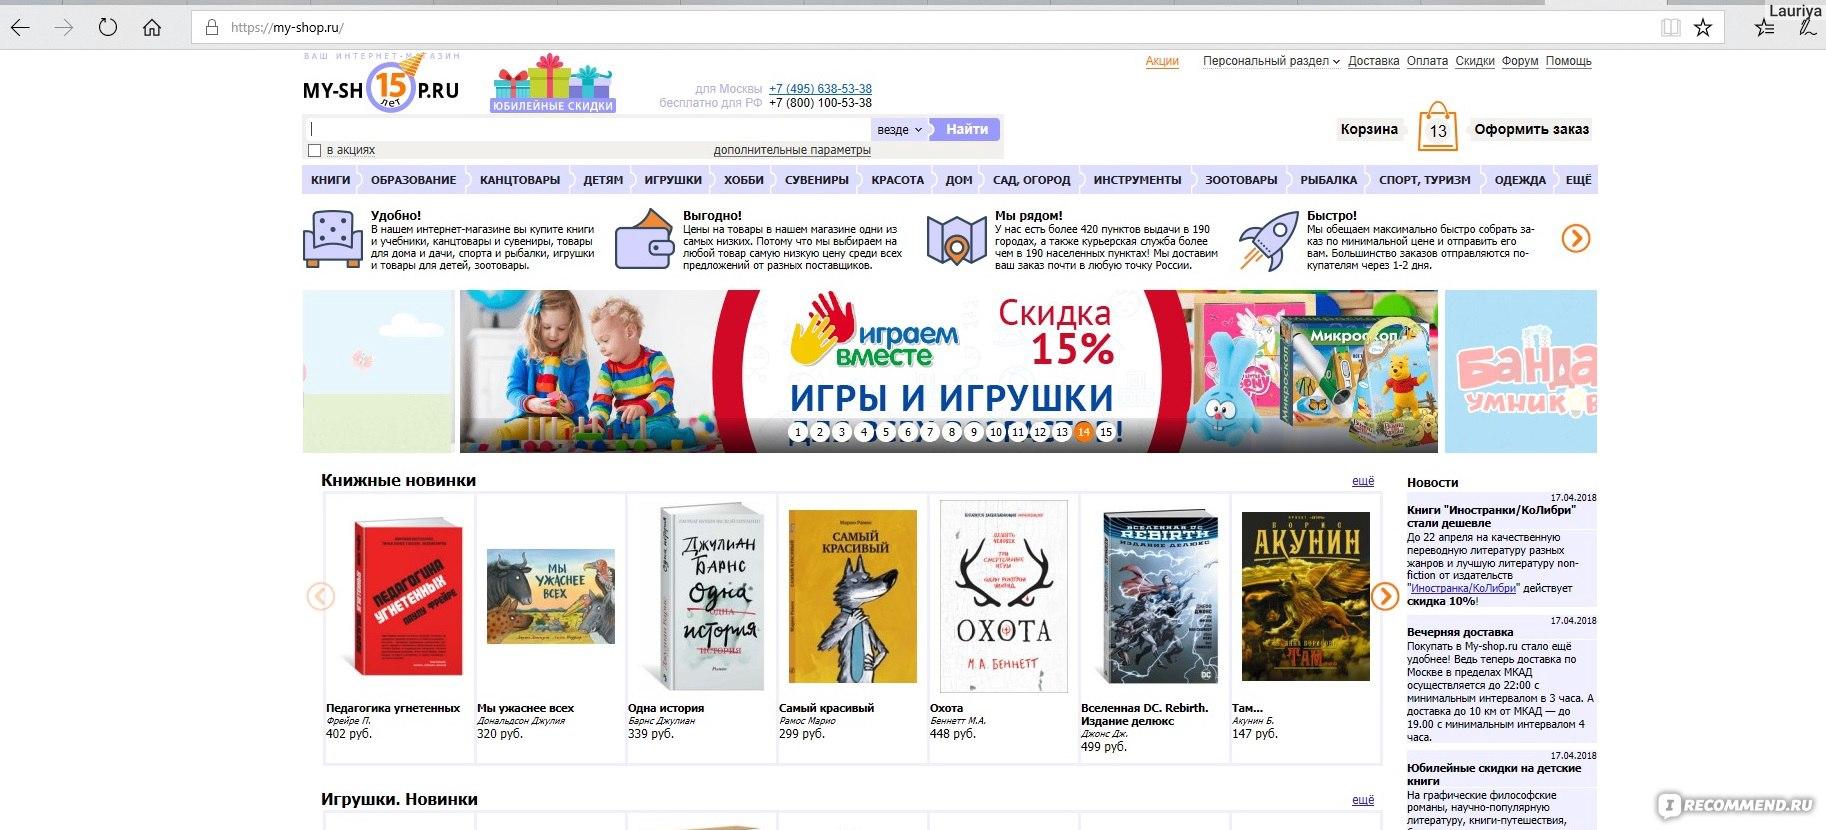 c7360fdb553 Ваш интернет-магазин - My-shop.ru - «Плюсы и минусы шопинга в ...